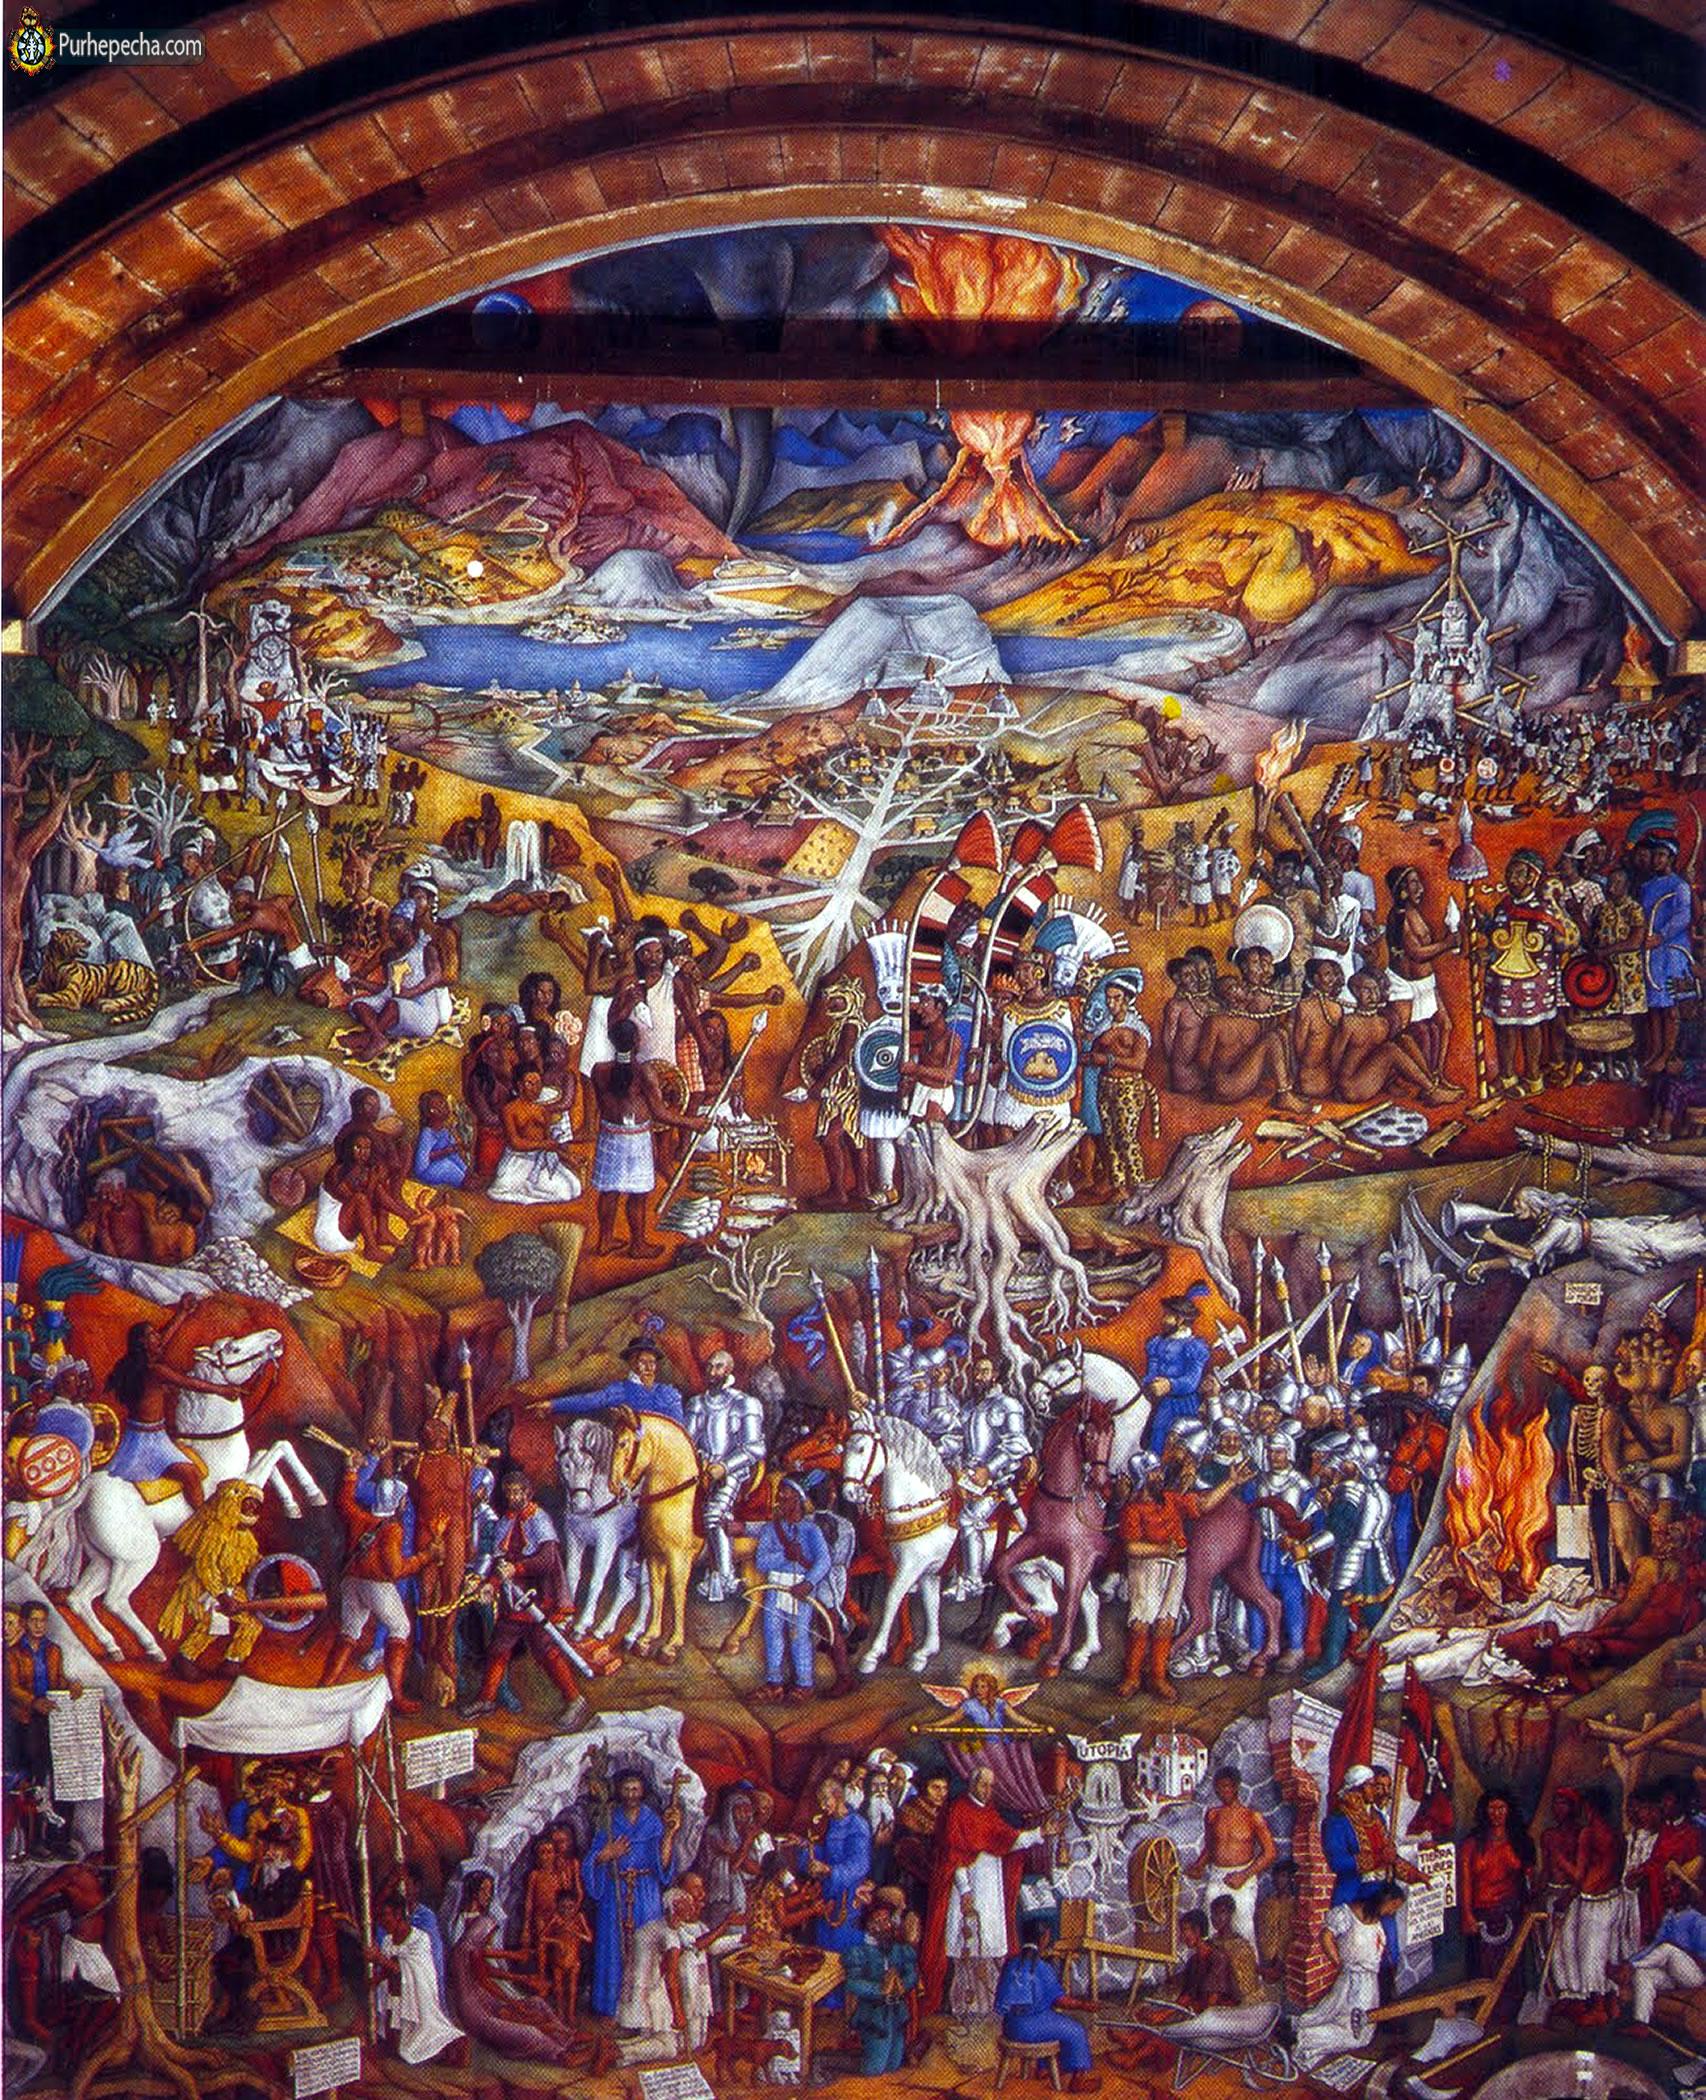 mural-juan-ogorman